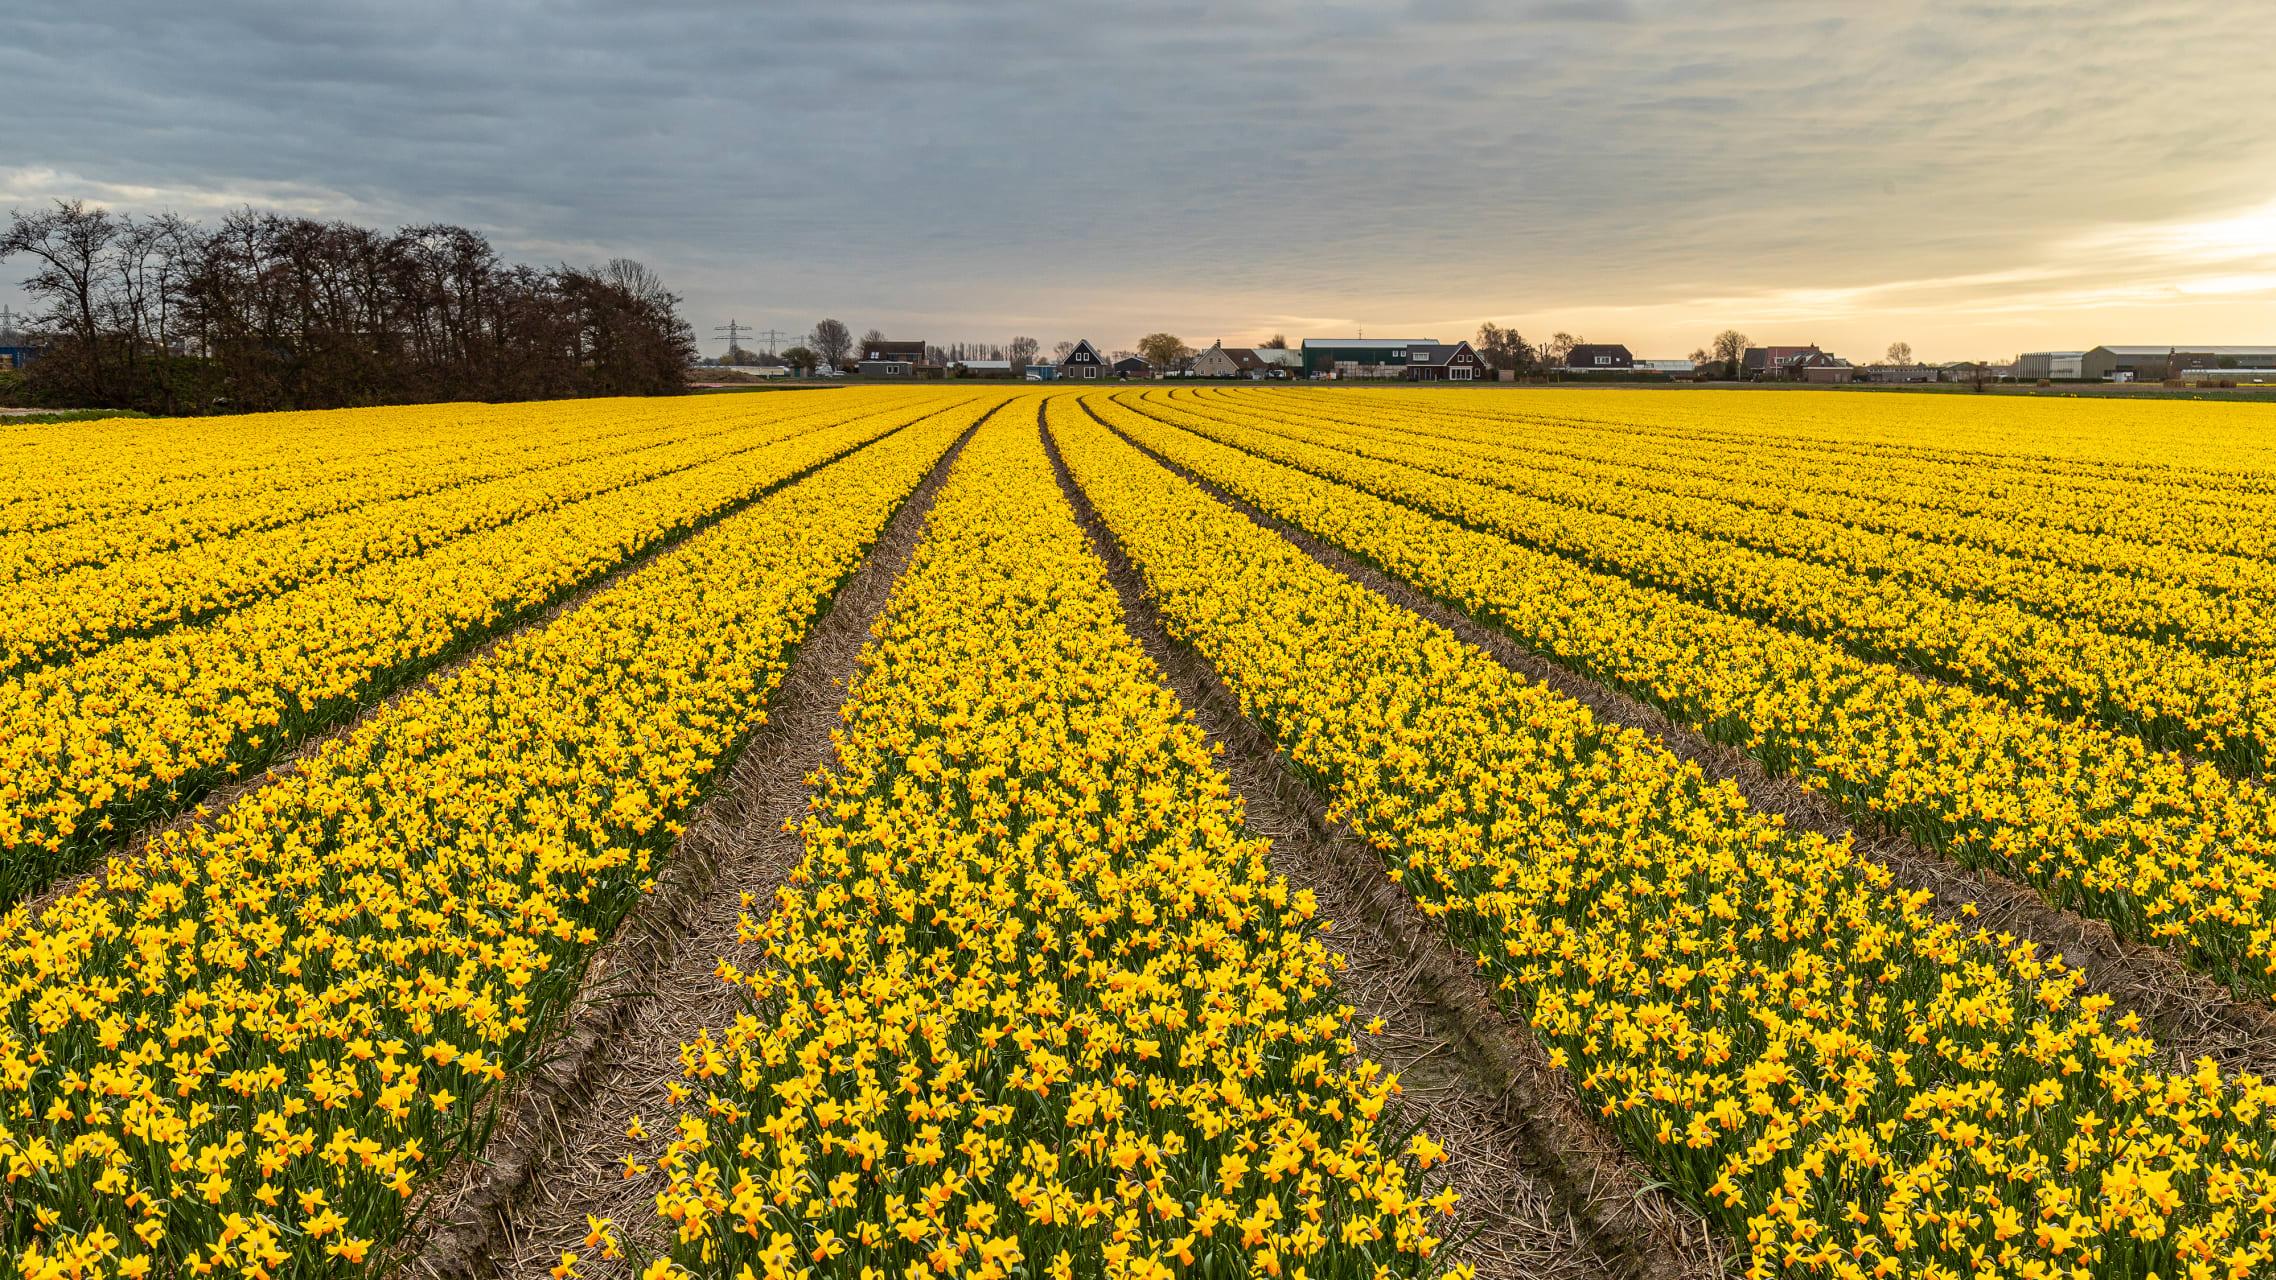 Amsterdam - Daffodil and Hyacinth Fields Extravaganza